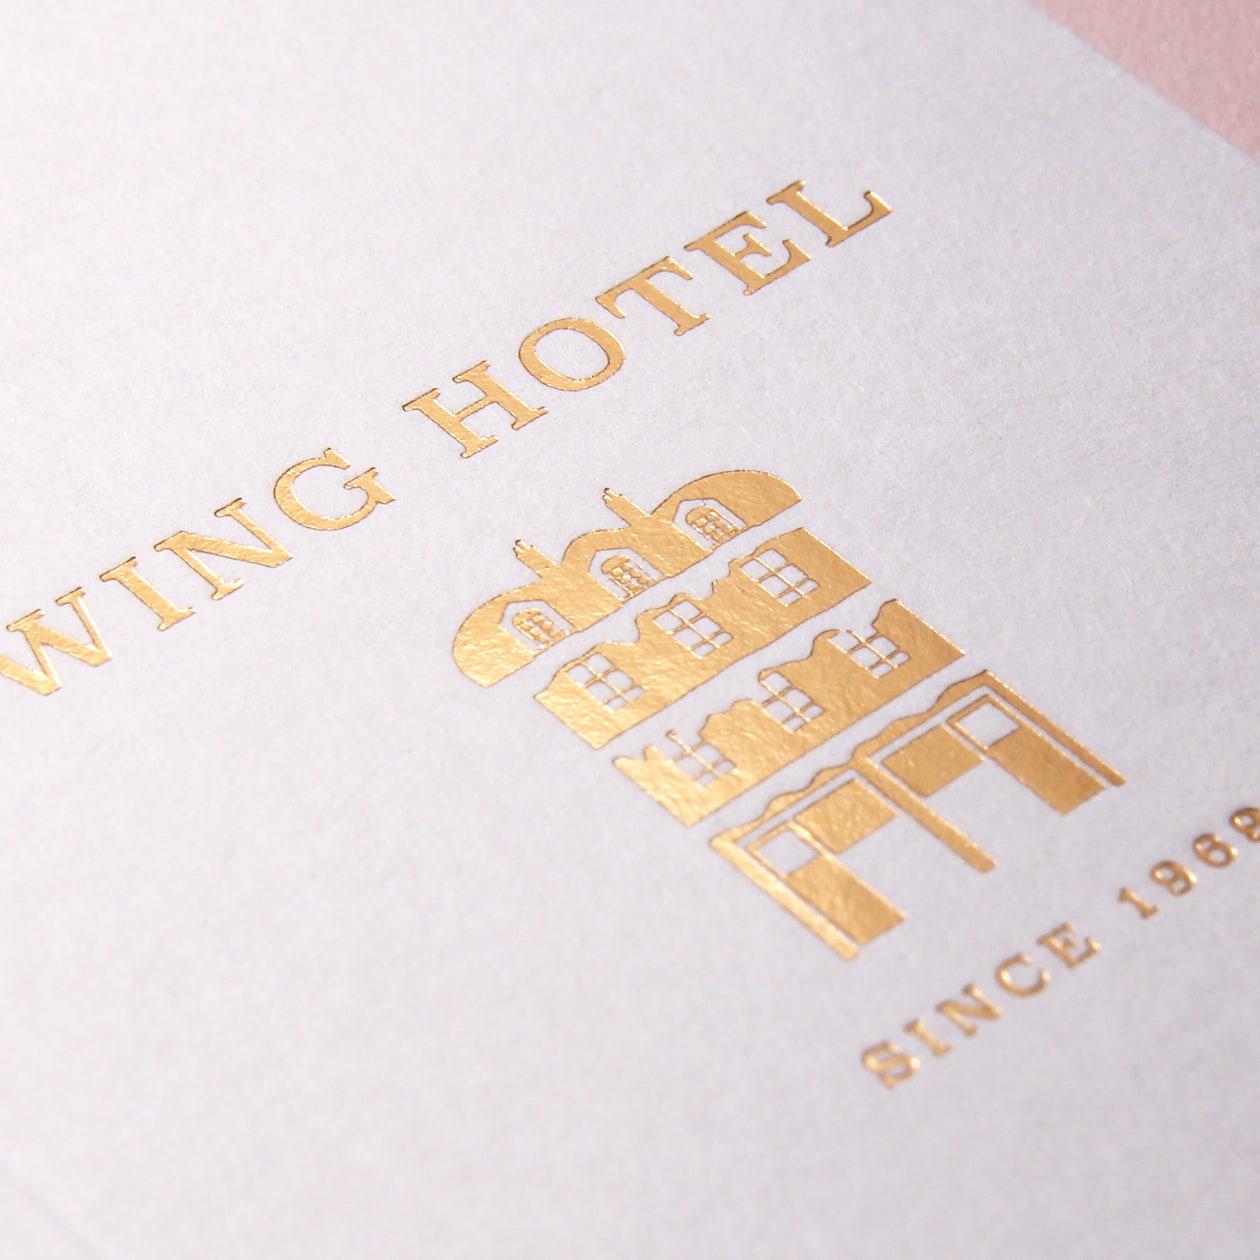 ホテルのカードキー用二つ折フォルダー